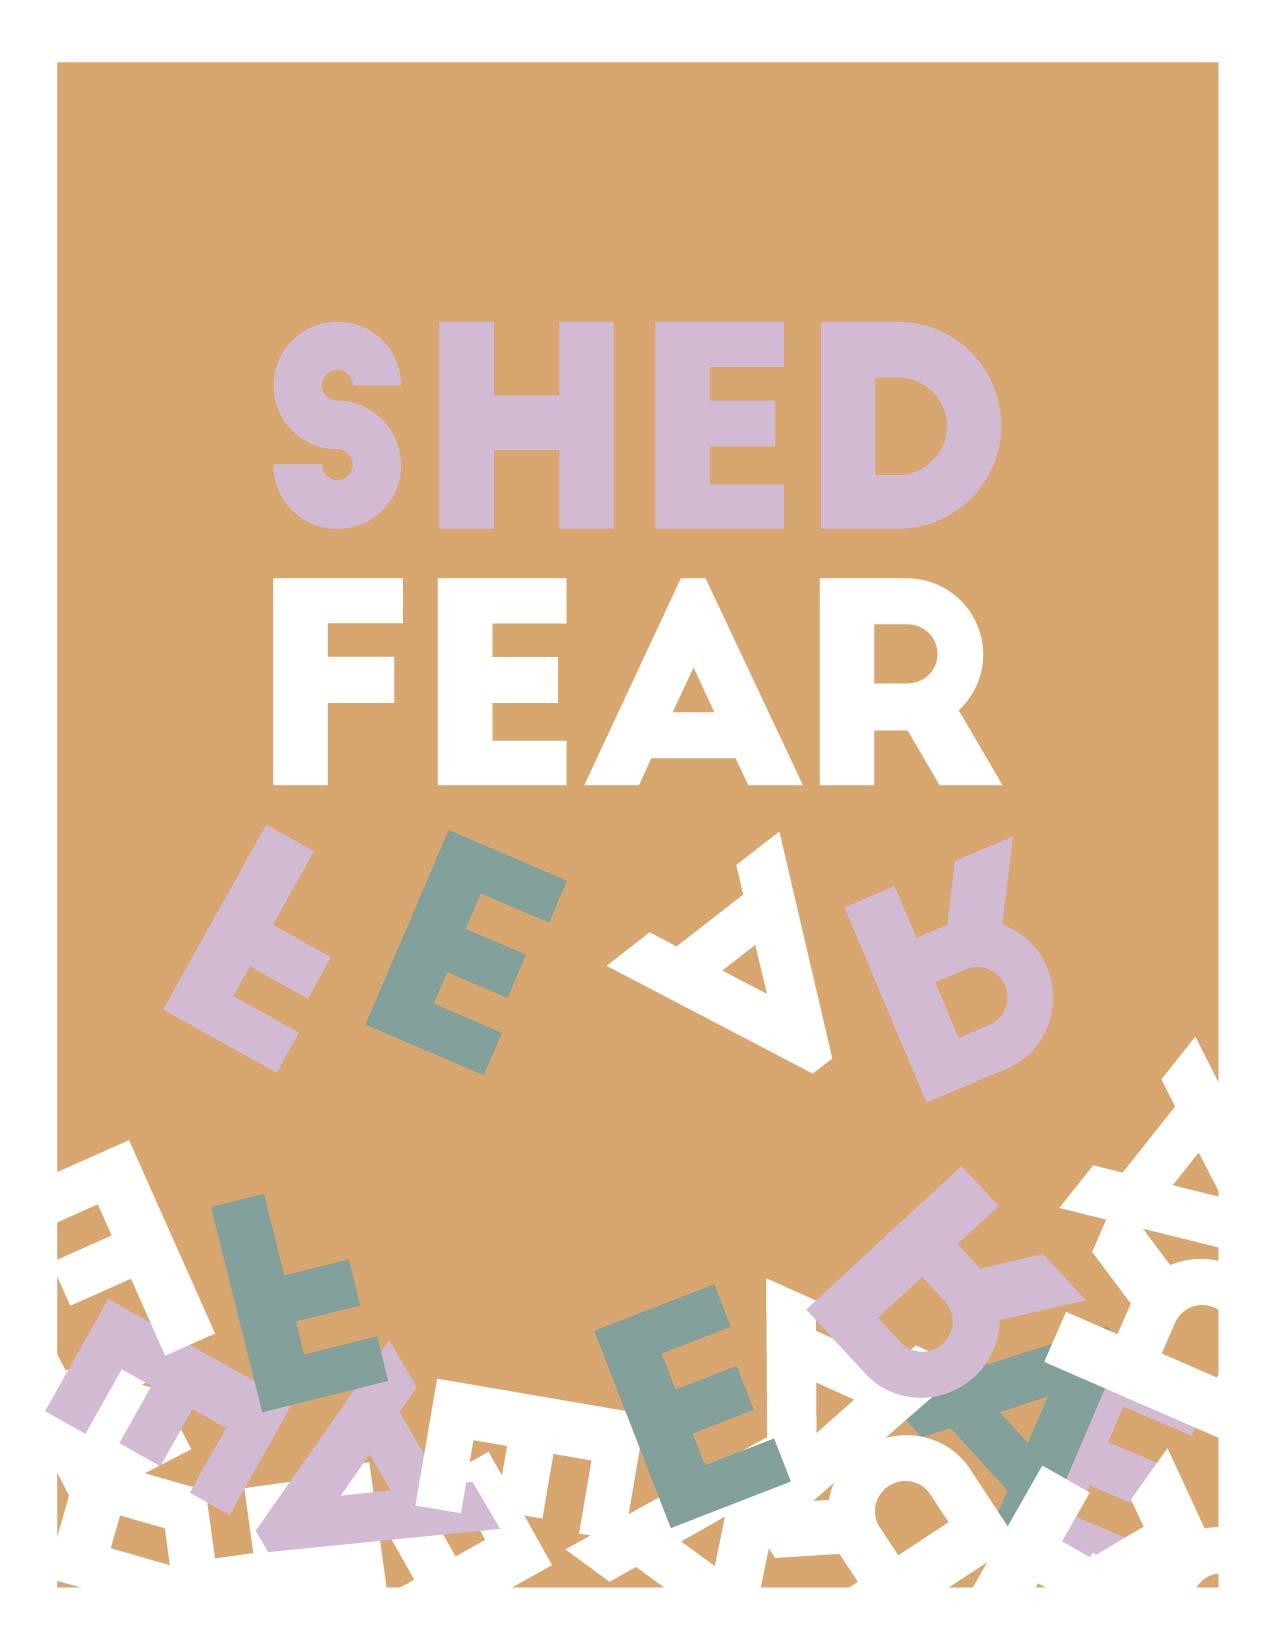 shed fear meditative poster print design